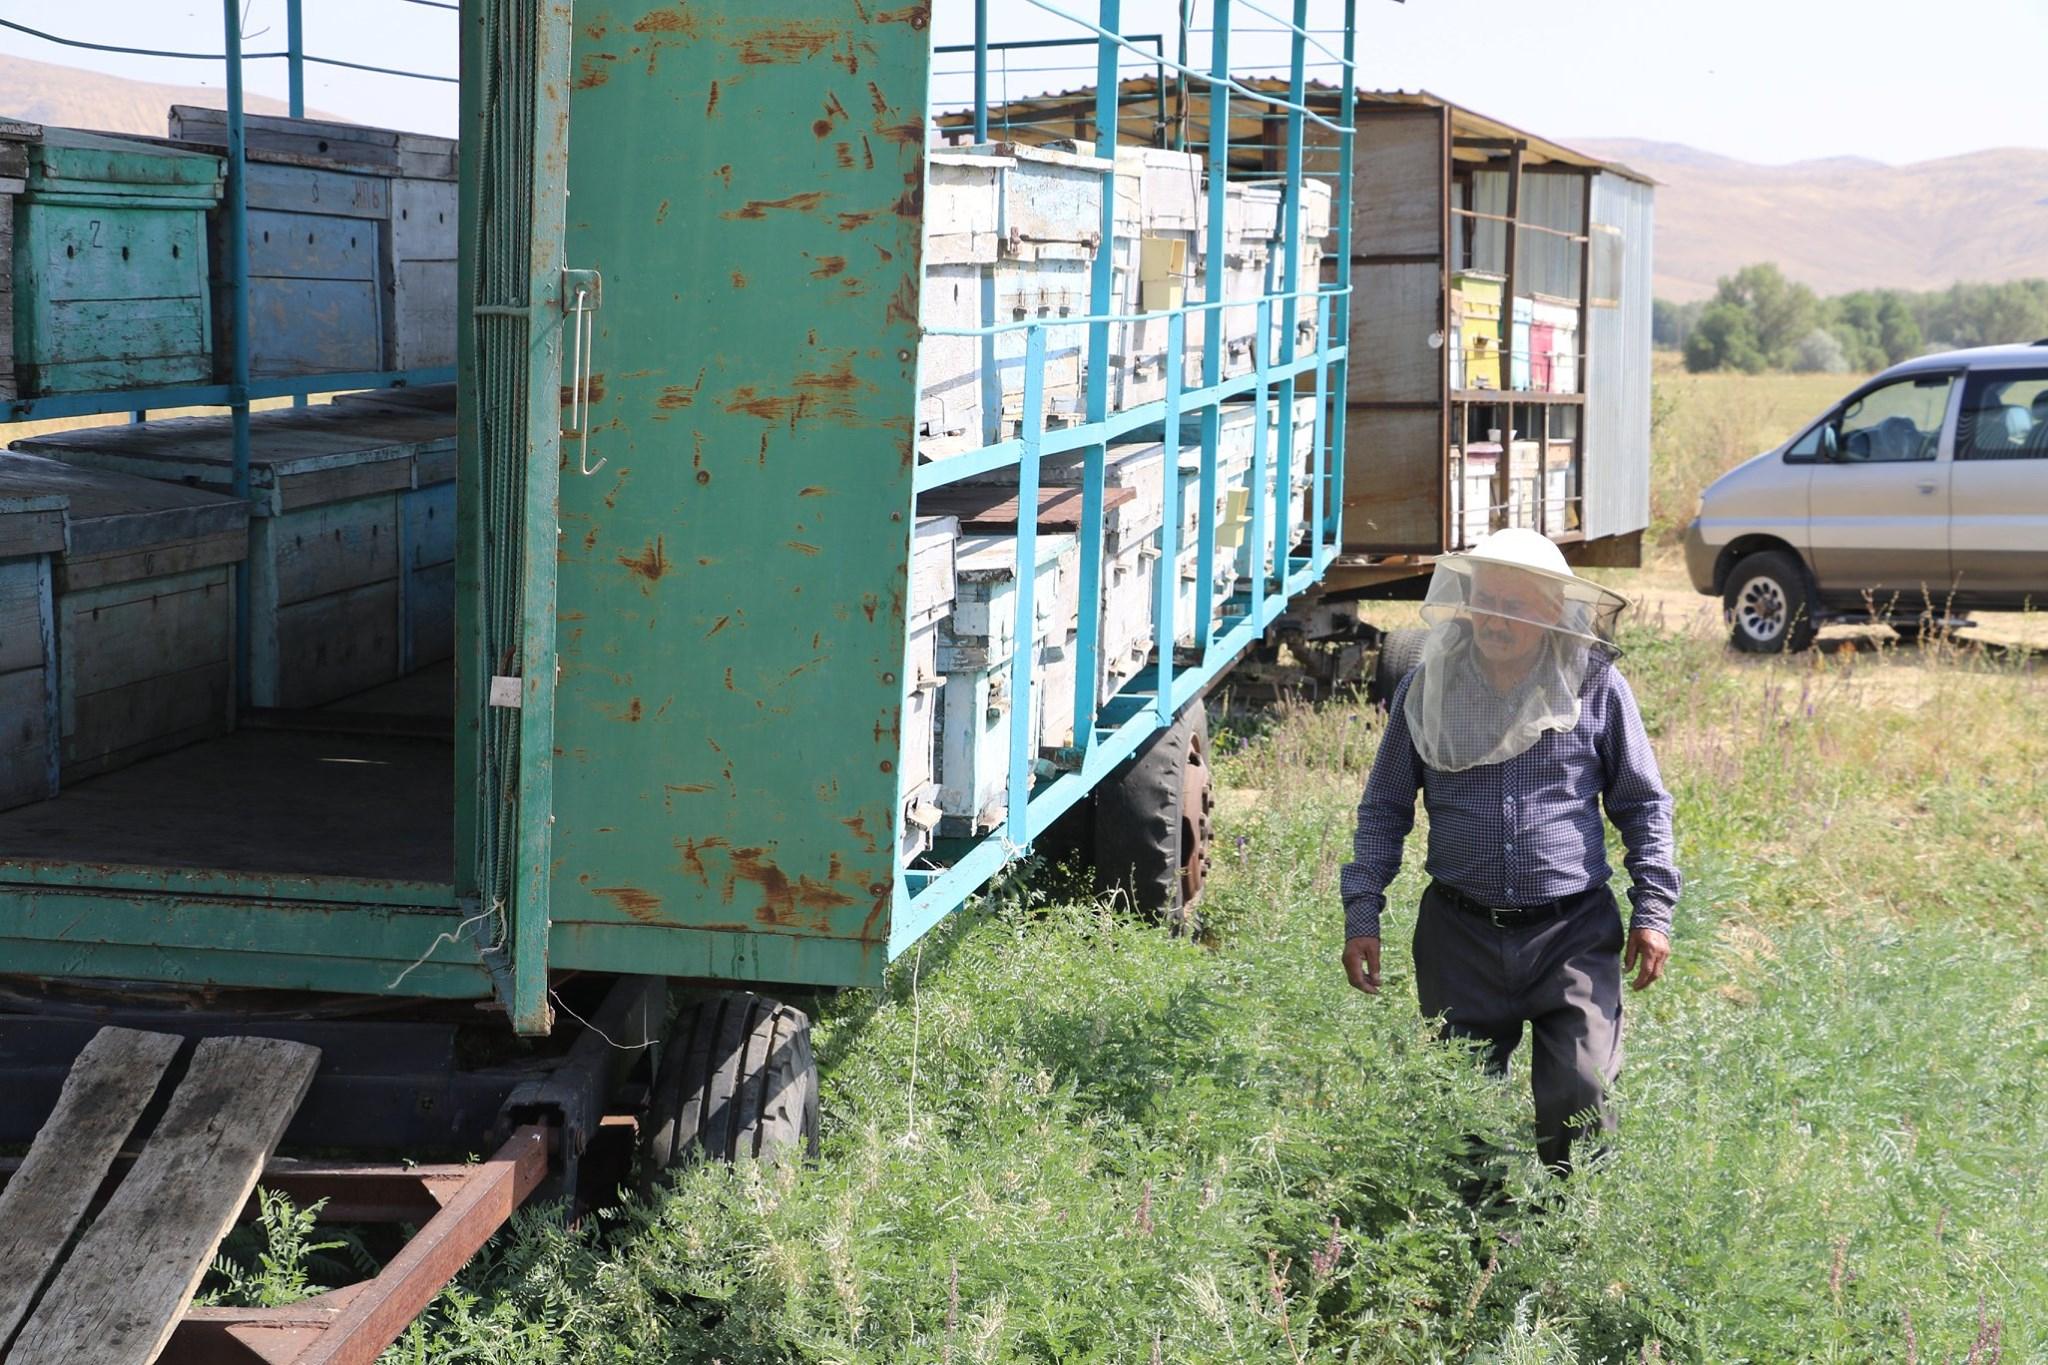 ТҮРКІСТАН: Түлкібастық омарташы жылына 800 келіге жуық бал жинайды